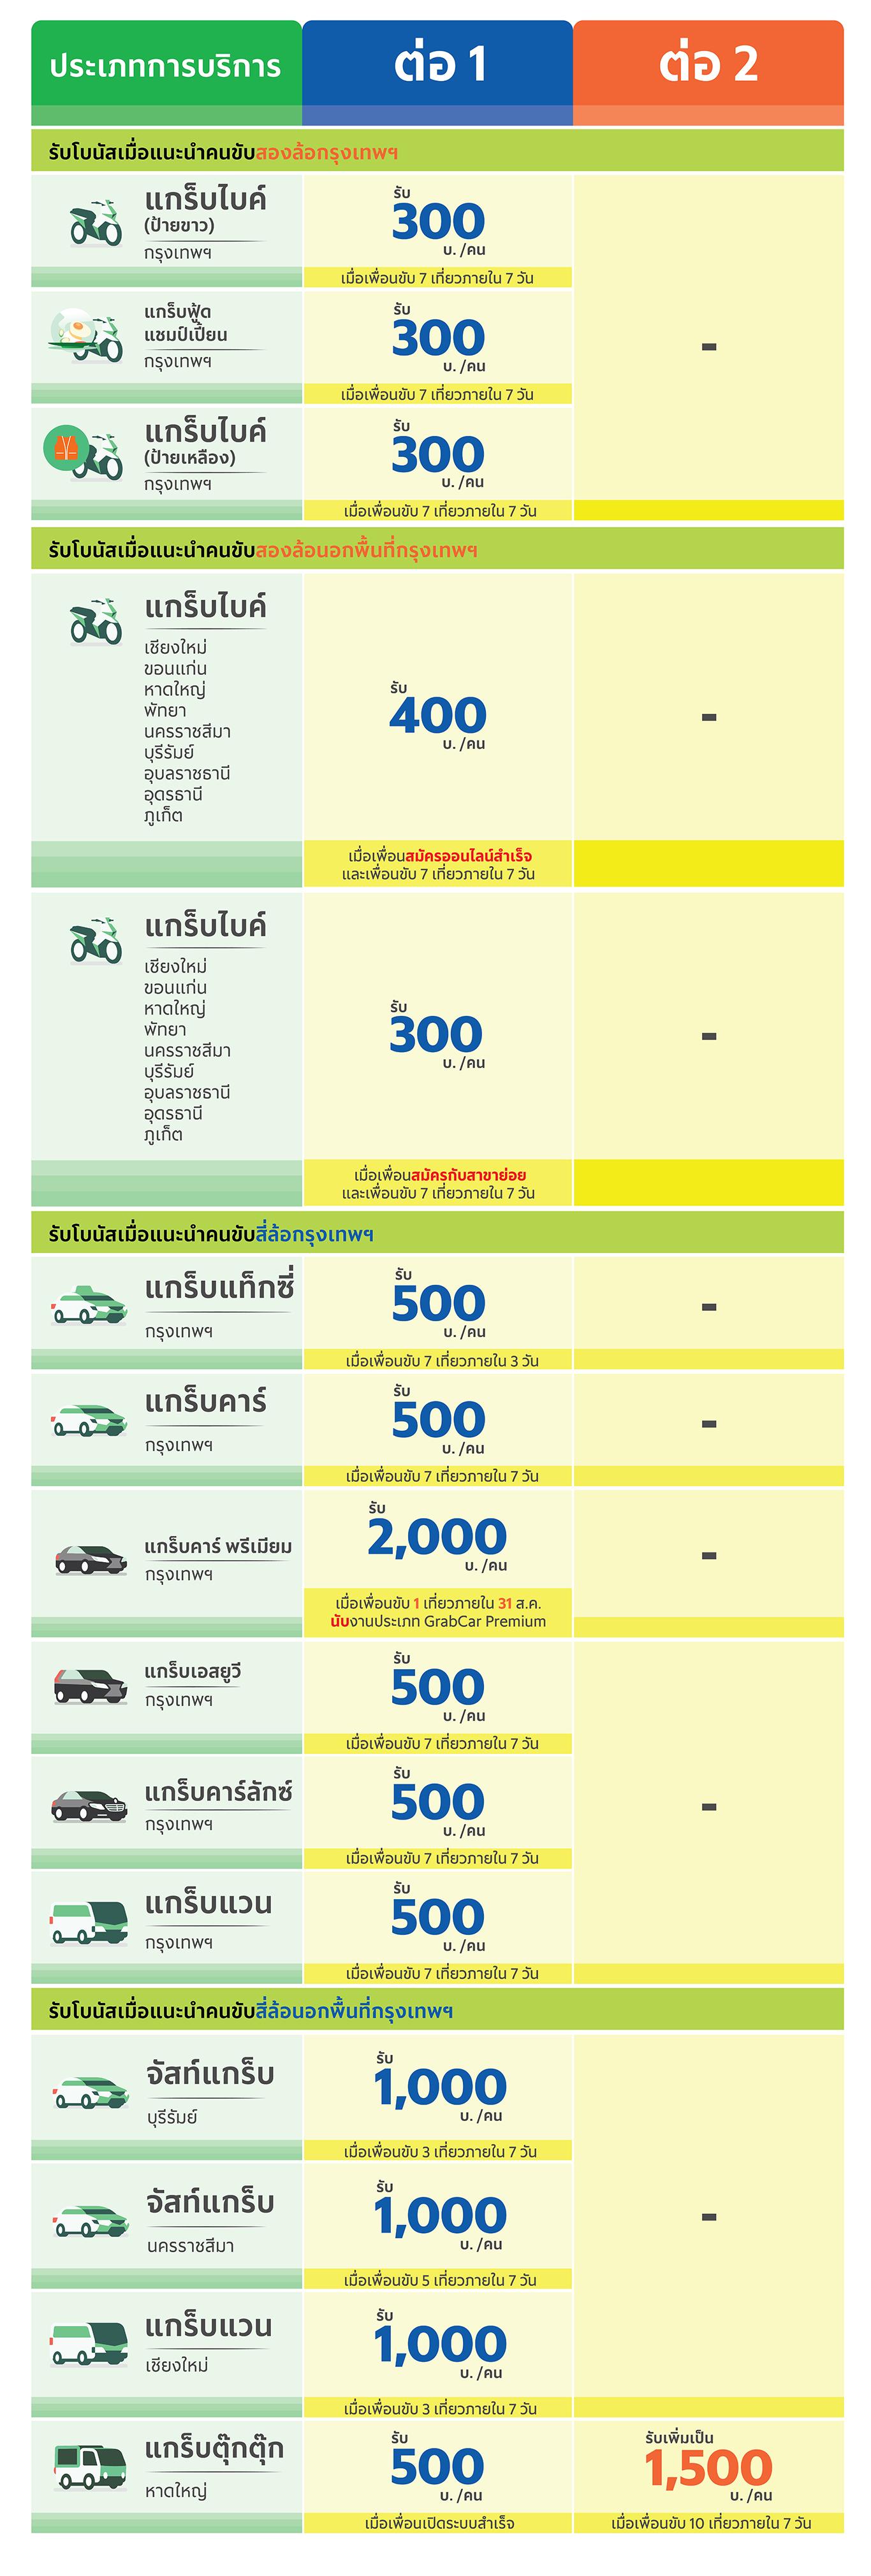 - แกร็บไบค์ หมายถึง การให้บริการ แกร็บไบค์ แกร็บเอ็กซ์เพรส (ไบค์) และแกร็บฟู้ด - ตั้งแต่วันที่ 8 ส.ค. 62 เป็นต้นไป มีการเปลี่ยนแปลงโปรโมชันแนะนำคนขับของ GrabCar Premium โดยพาร์ทเนอร์ที่แนะนำผู้สมัครขับแกร็บตั้งแต่วันที่ 1-7 ส.ค. 62 จะได้รับโปรโมชันใหม่และจะได้รับโบนัสค่าแนะนำส่วนต่างภายใน 16 ส.ค. 62